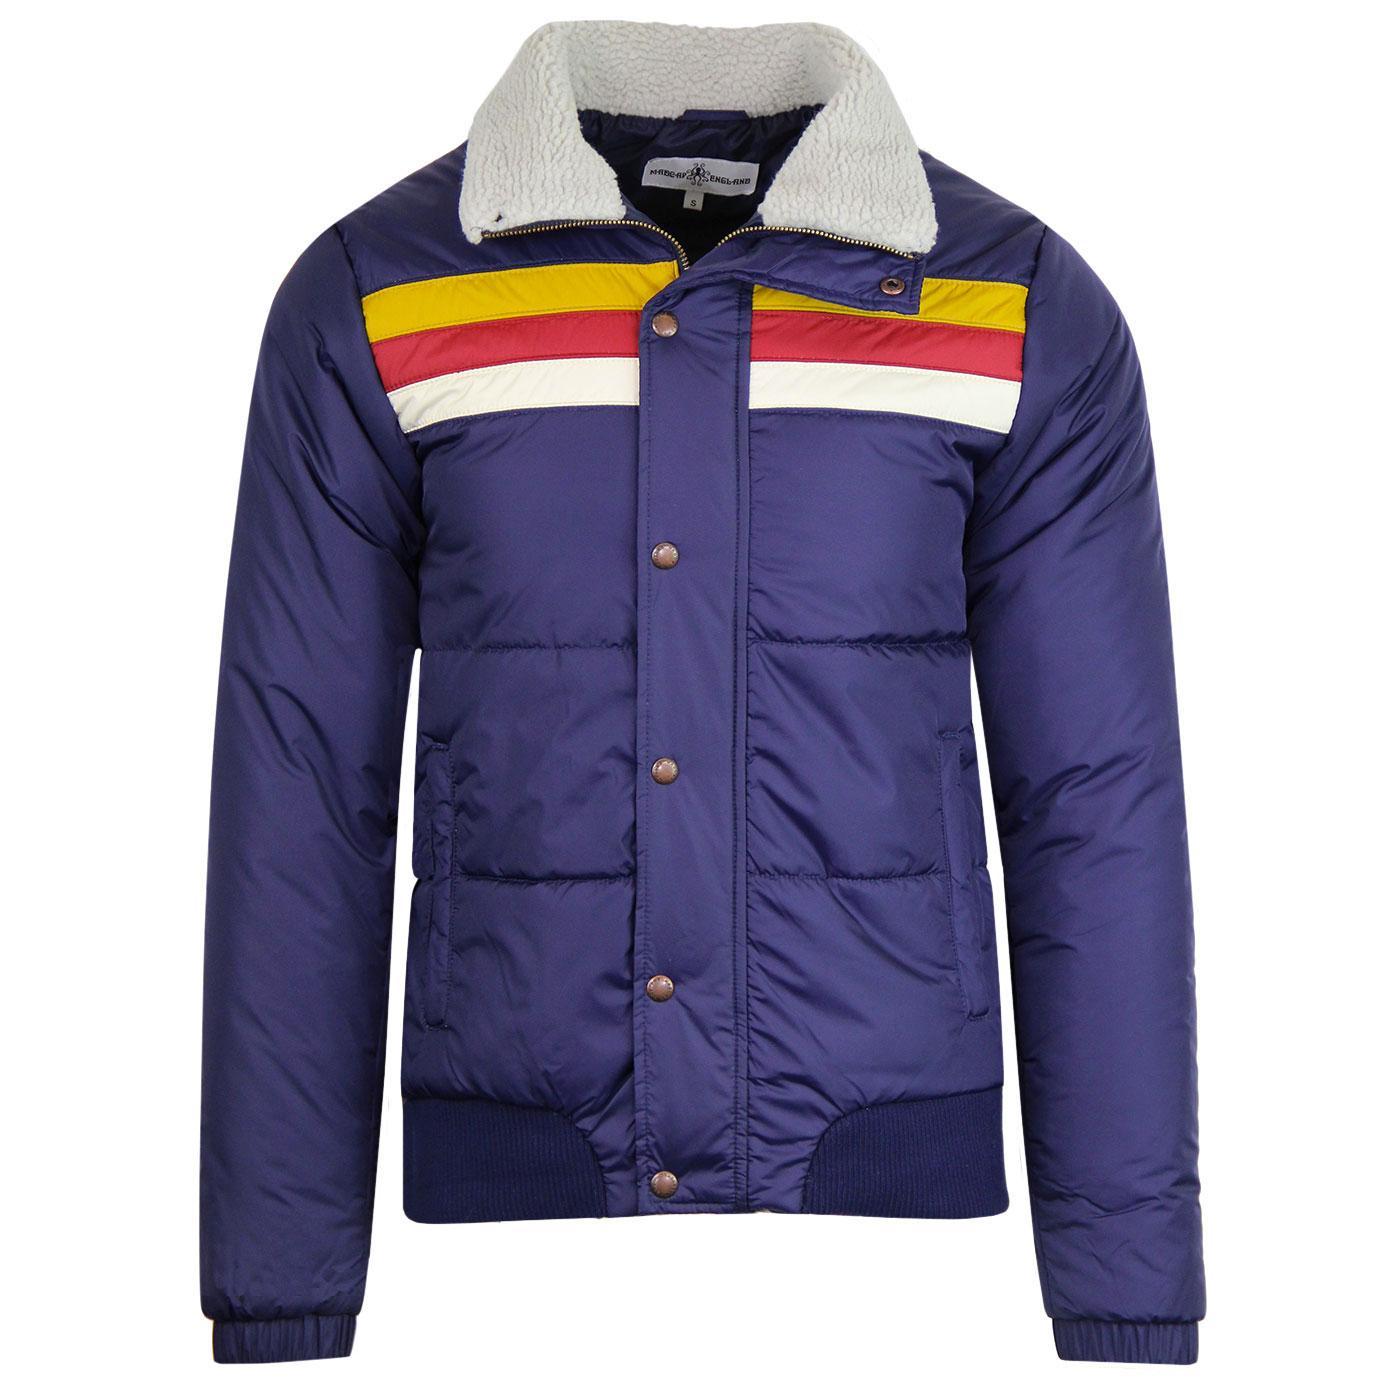 Edge MADCAP ENGLAND Retro Stripe Ski Jacket (Navy)